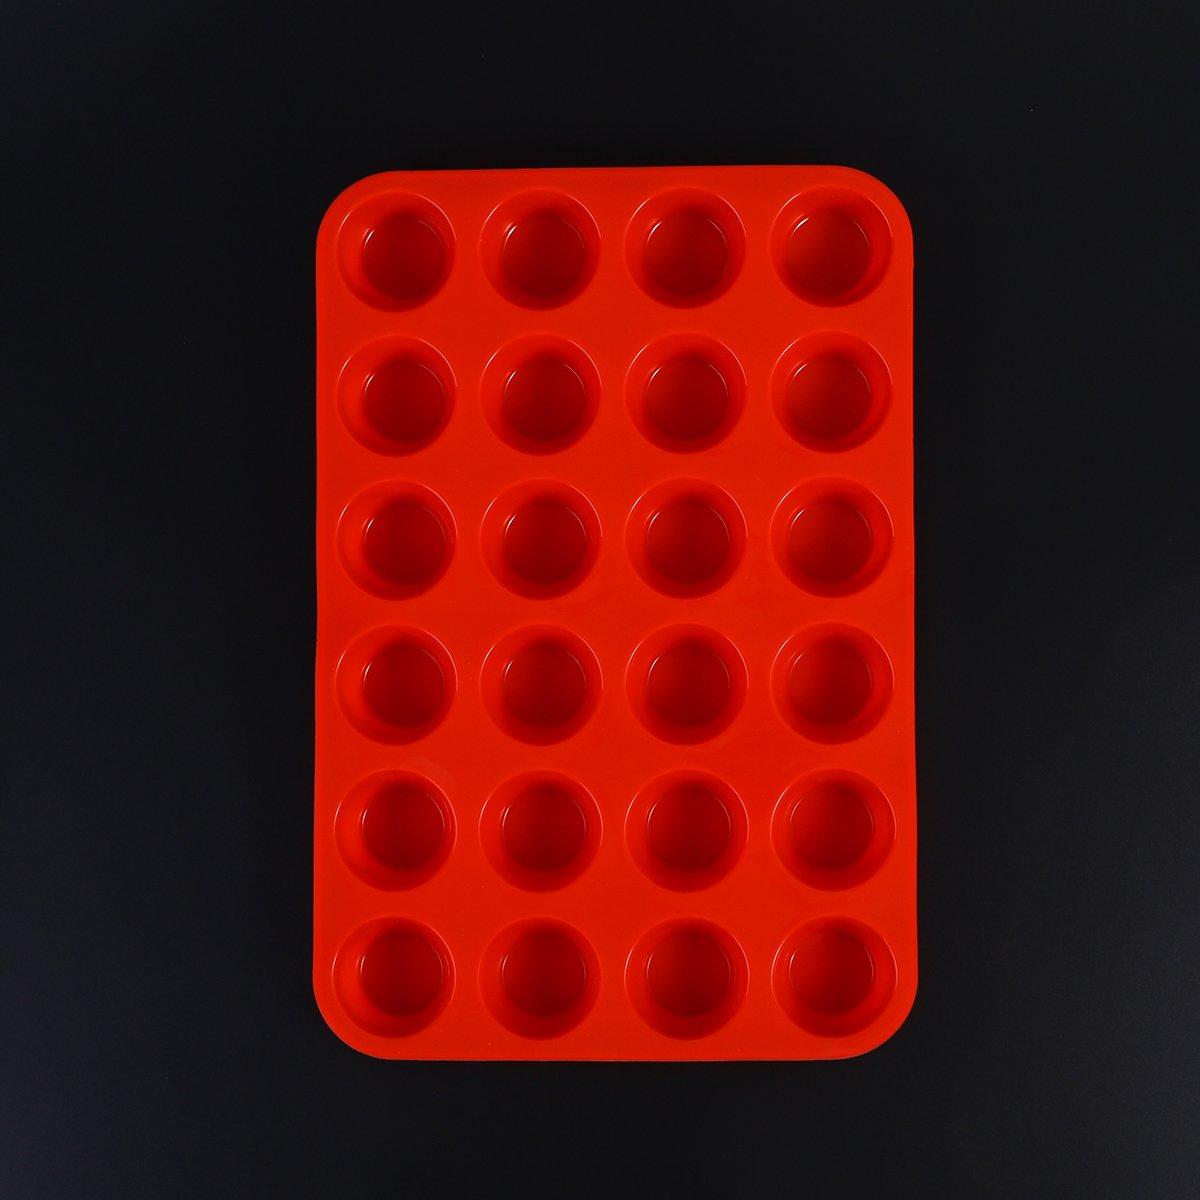 Wurth 06832773 Lot de 20 bouchons cache-trou 5 mm en plastique noir Profondeur du trou 5 mm T/ête 7 mm Bouchon cache-trou pour meubles 5 mm